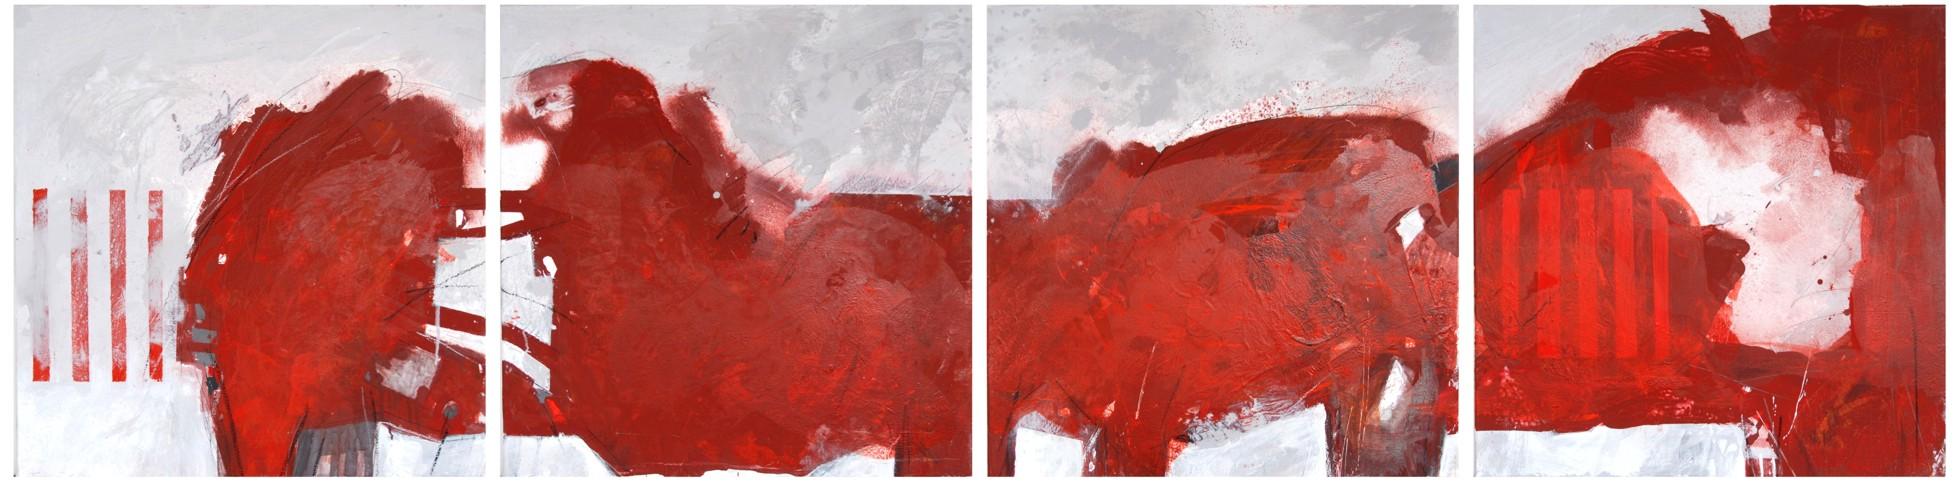 Christine Dobler: Rot / Mischtechnik auf Leinwand 4-teilig